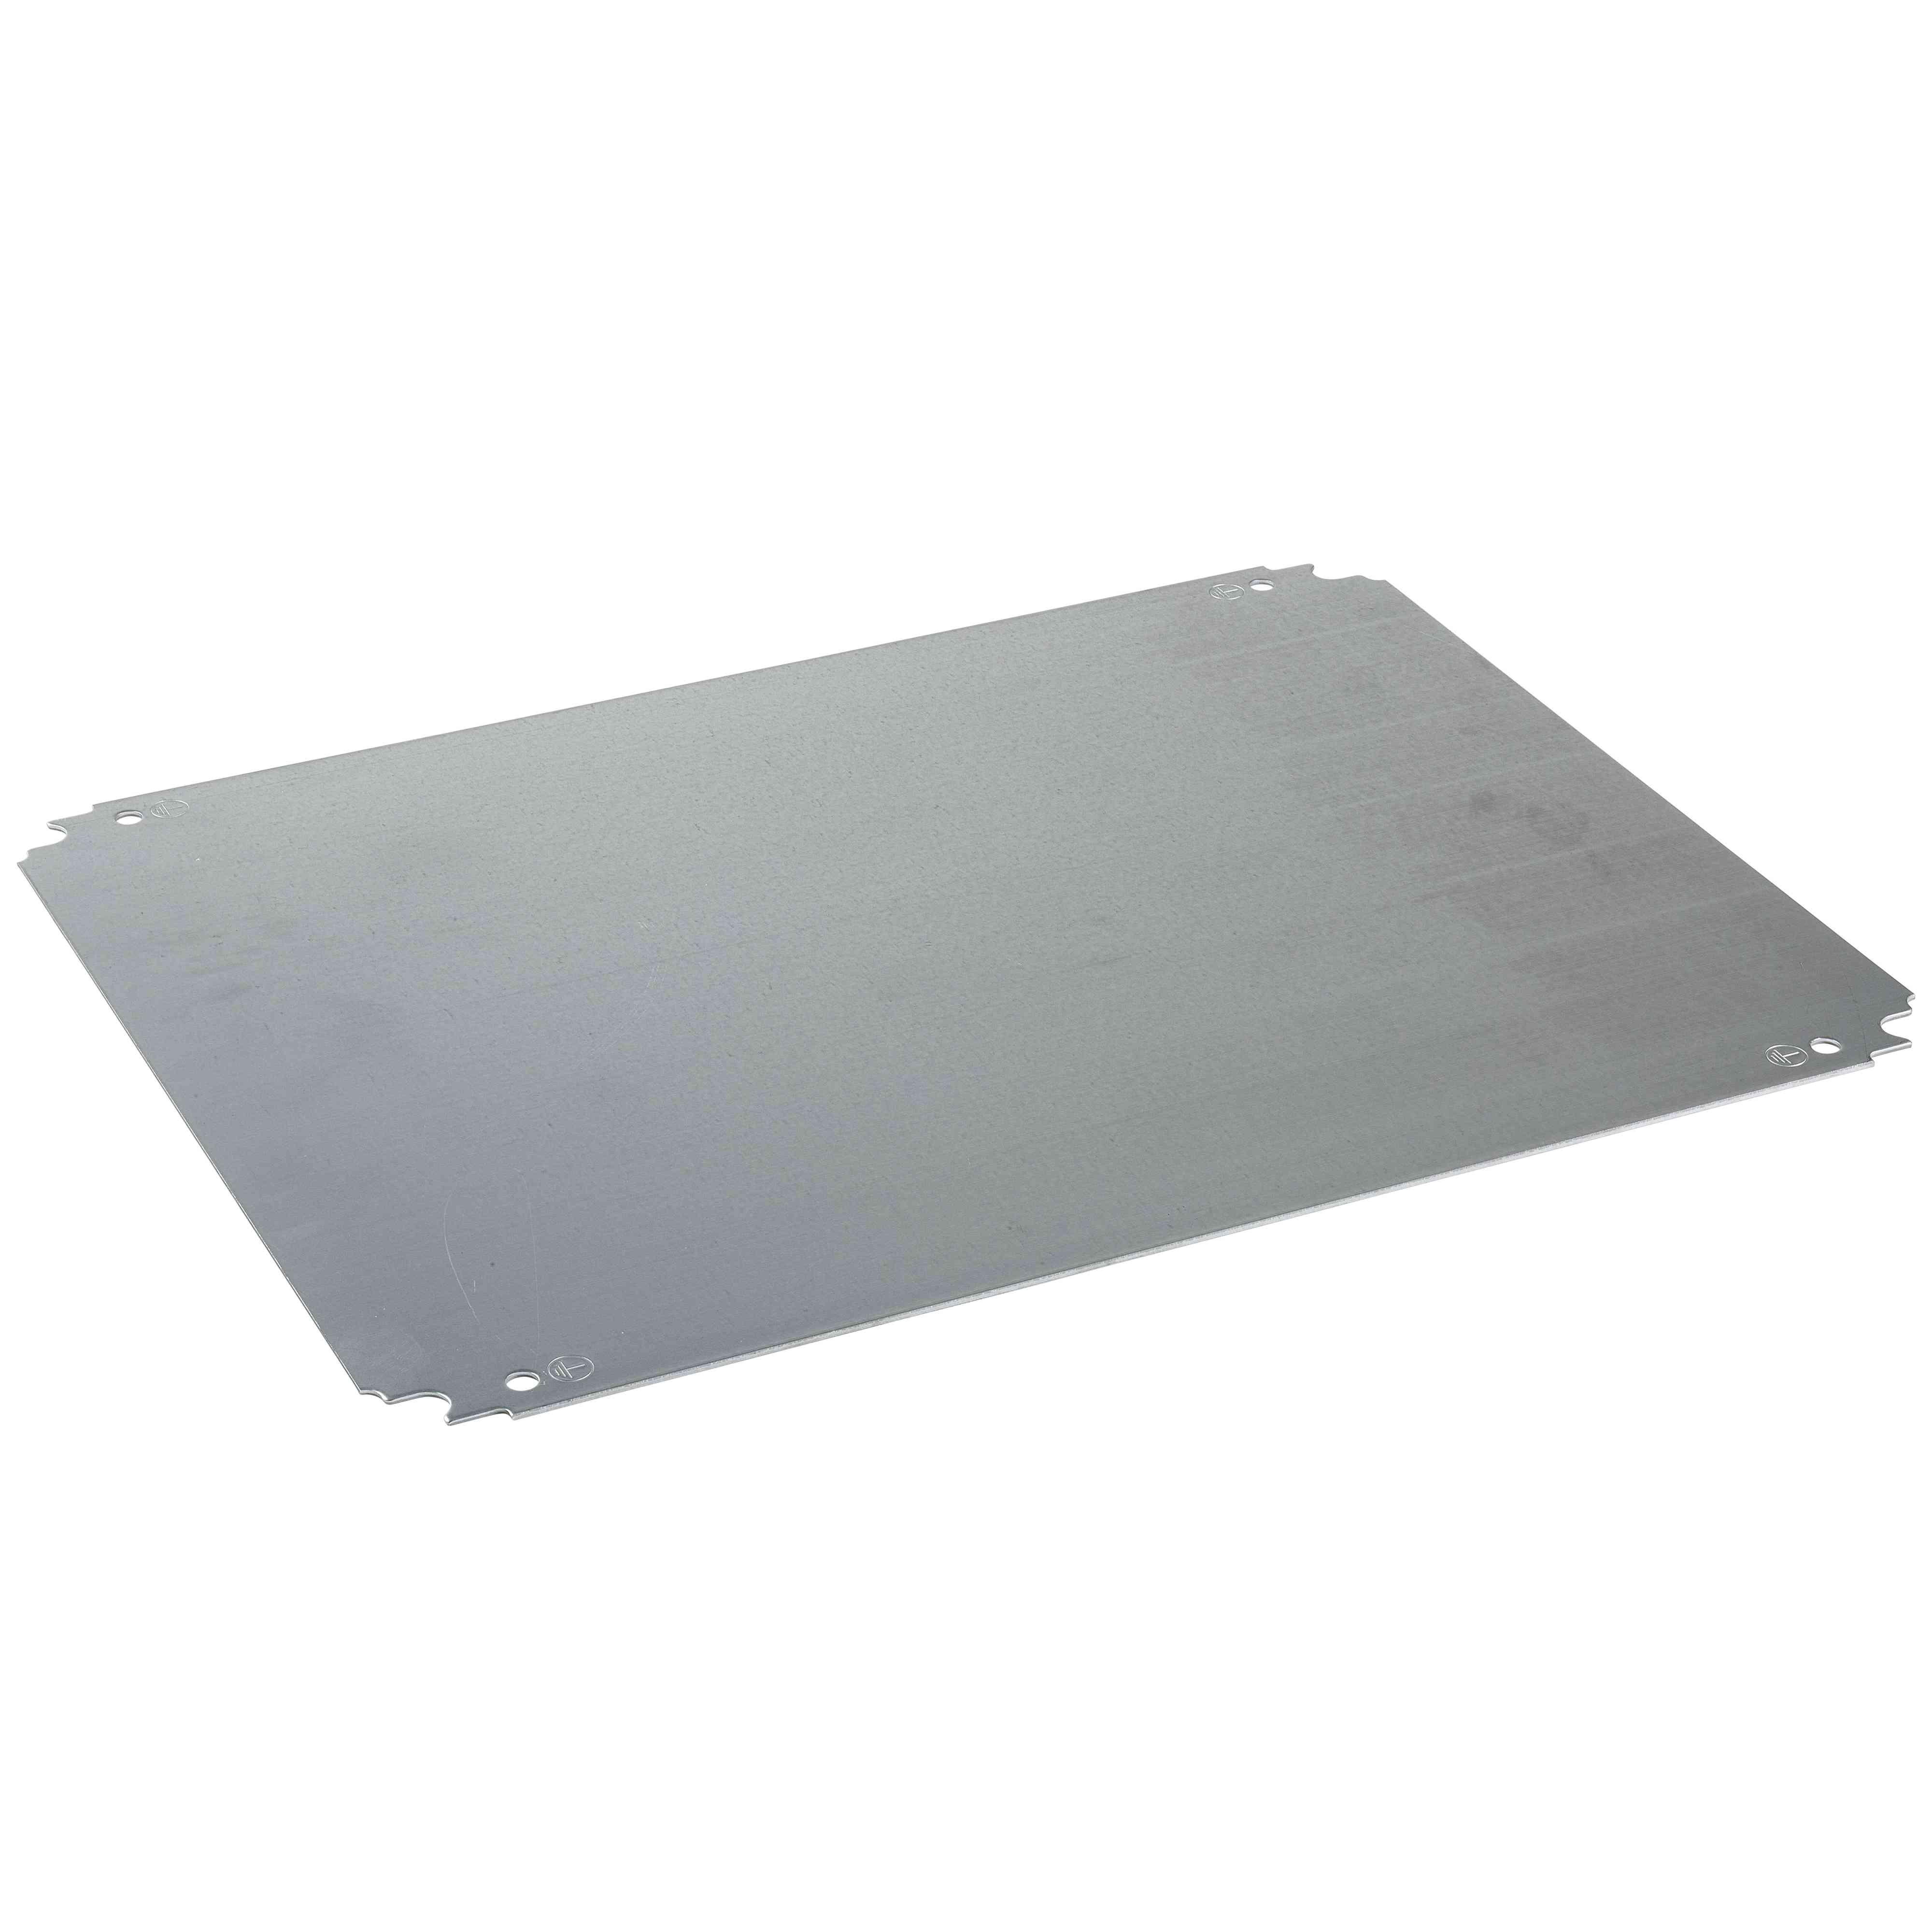 Navadna mont. plošča V 1200 x Š 1000 mm, galv. jeklena pločevina, obojestr. dim.